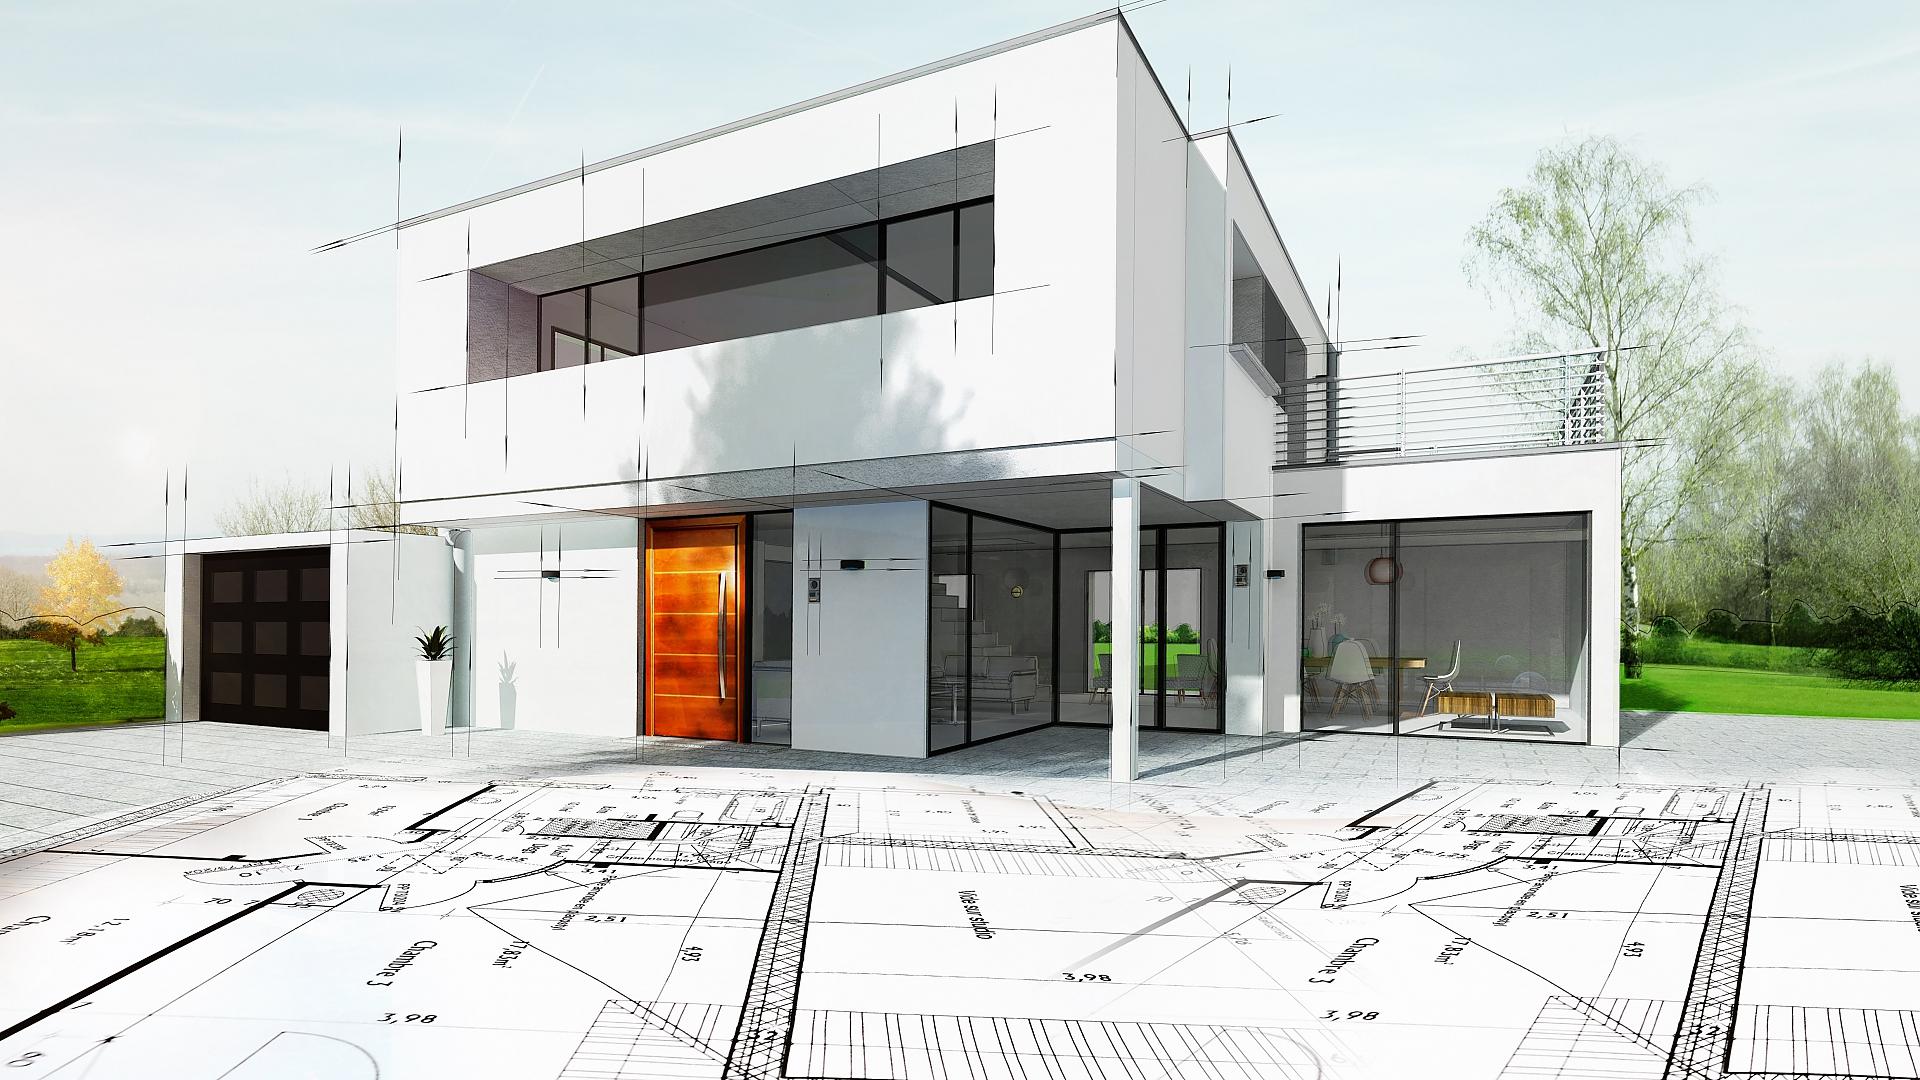 Rodinný dům s plochou střechou: mít či nemít